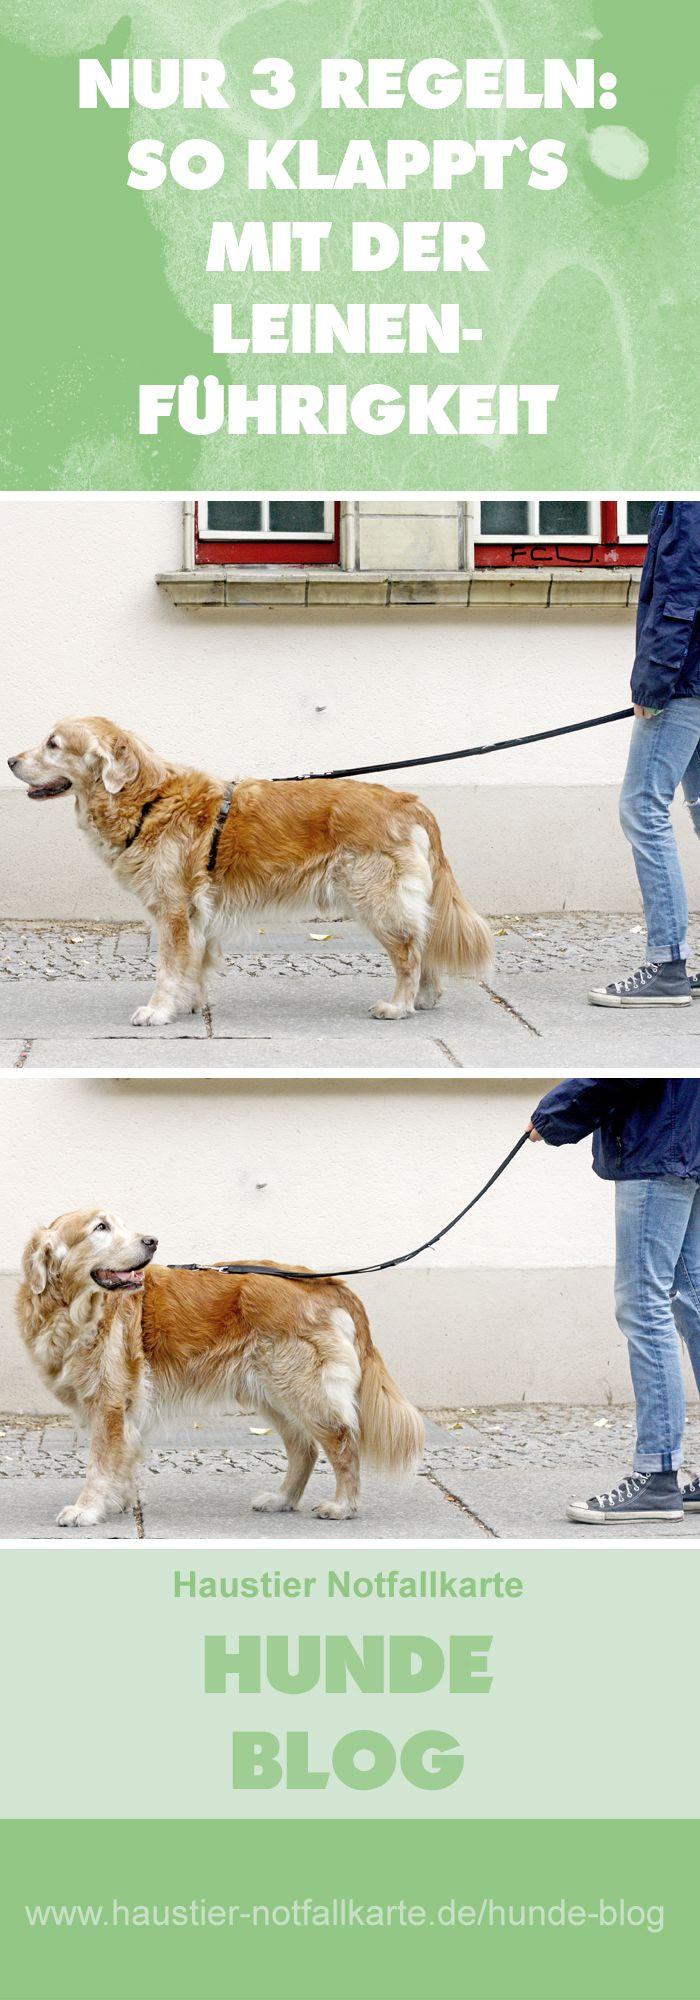 Nur 3 Regeln: so klappt's mit der Leinenführigkeit! Im Haustier Notfallkarte Hunde Blog! #hunde #wissen